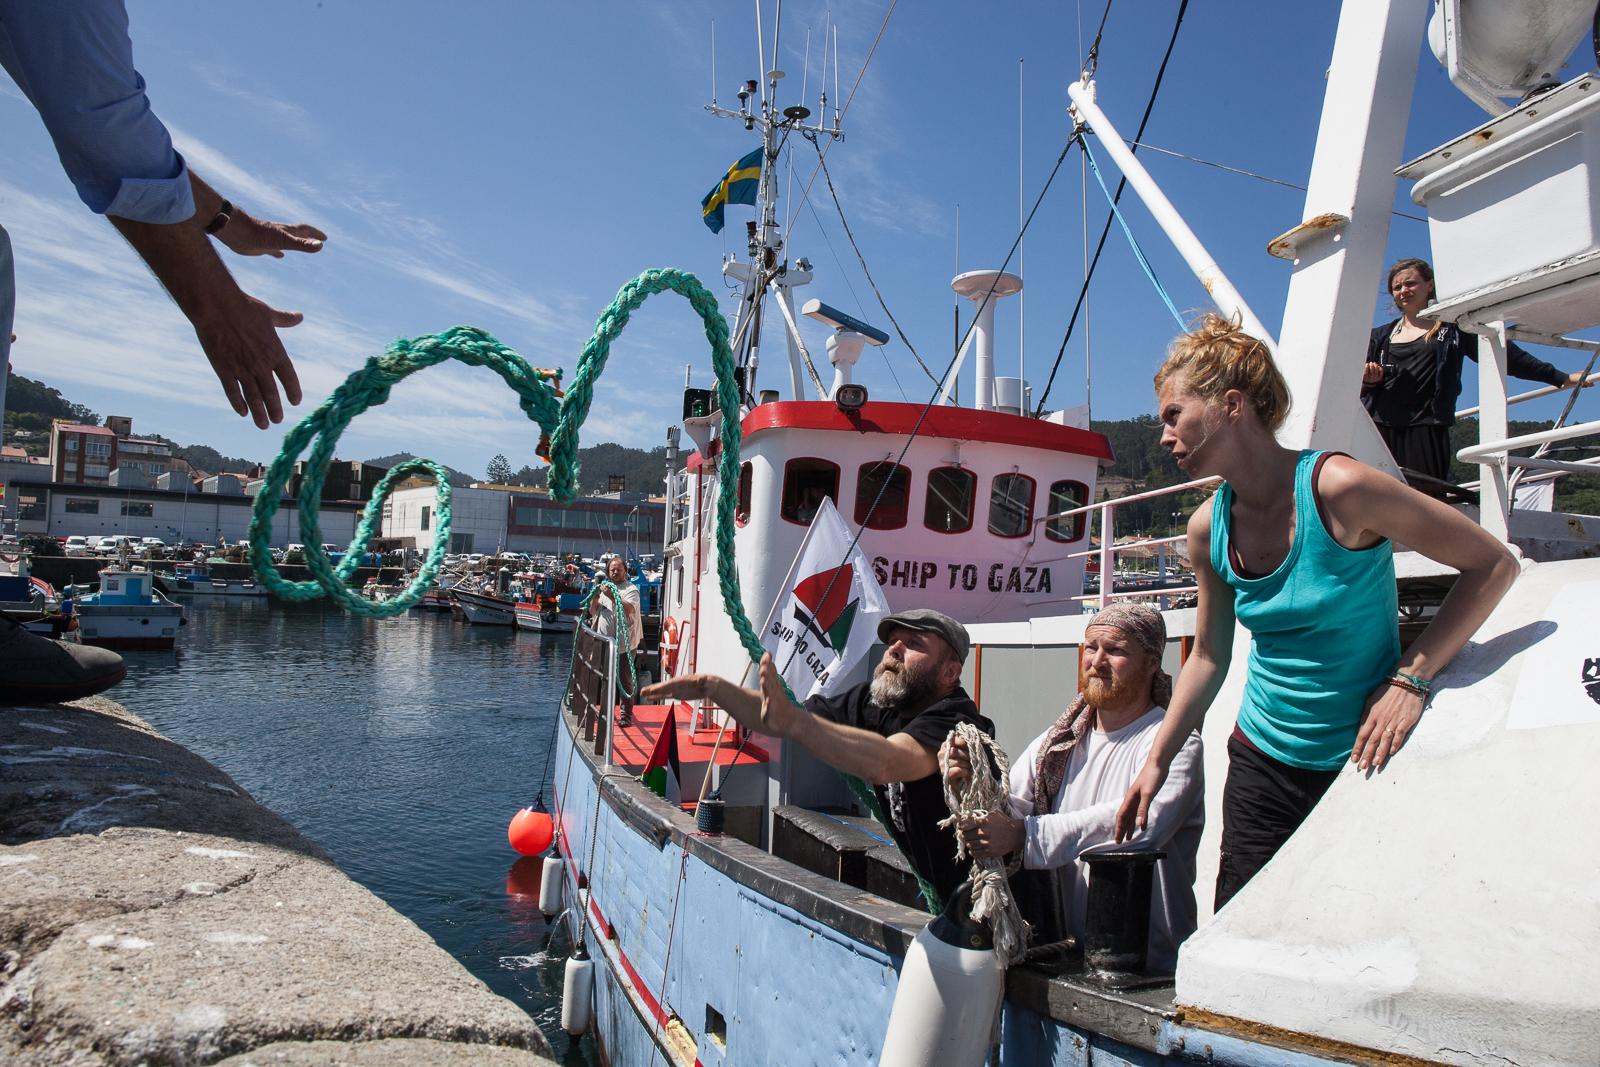 Un barco de mujeres navegará en otoño para romper el bloqueo a Gaza